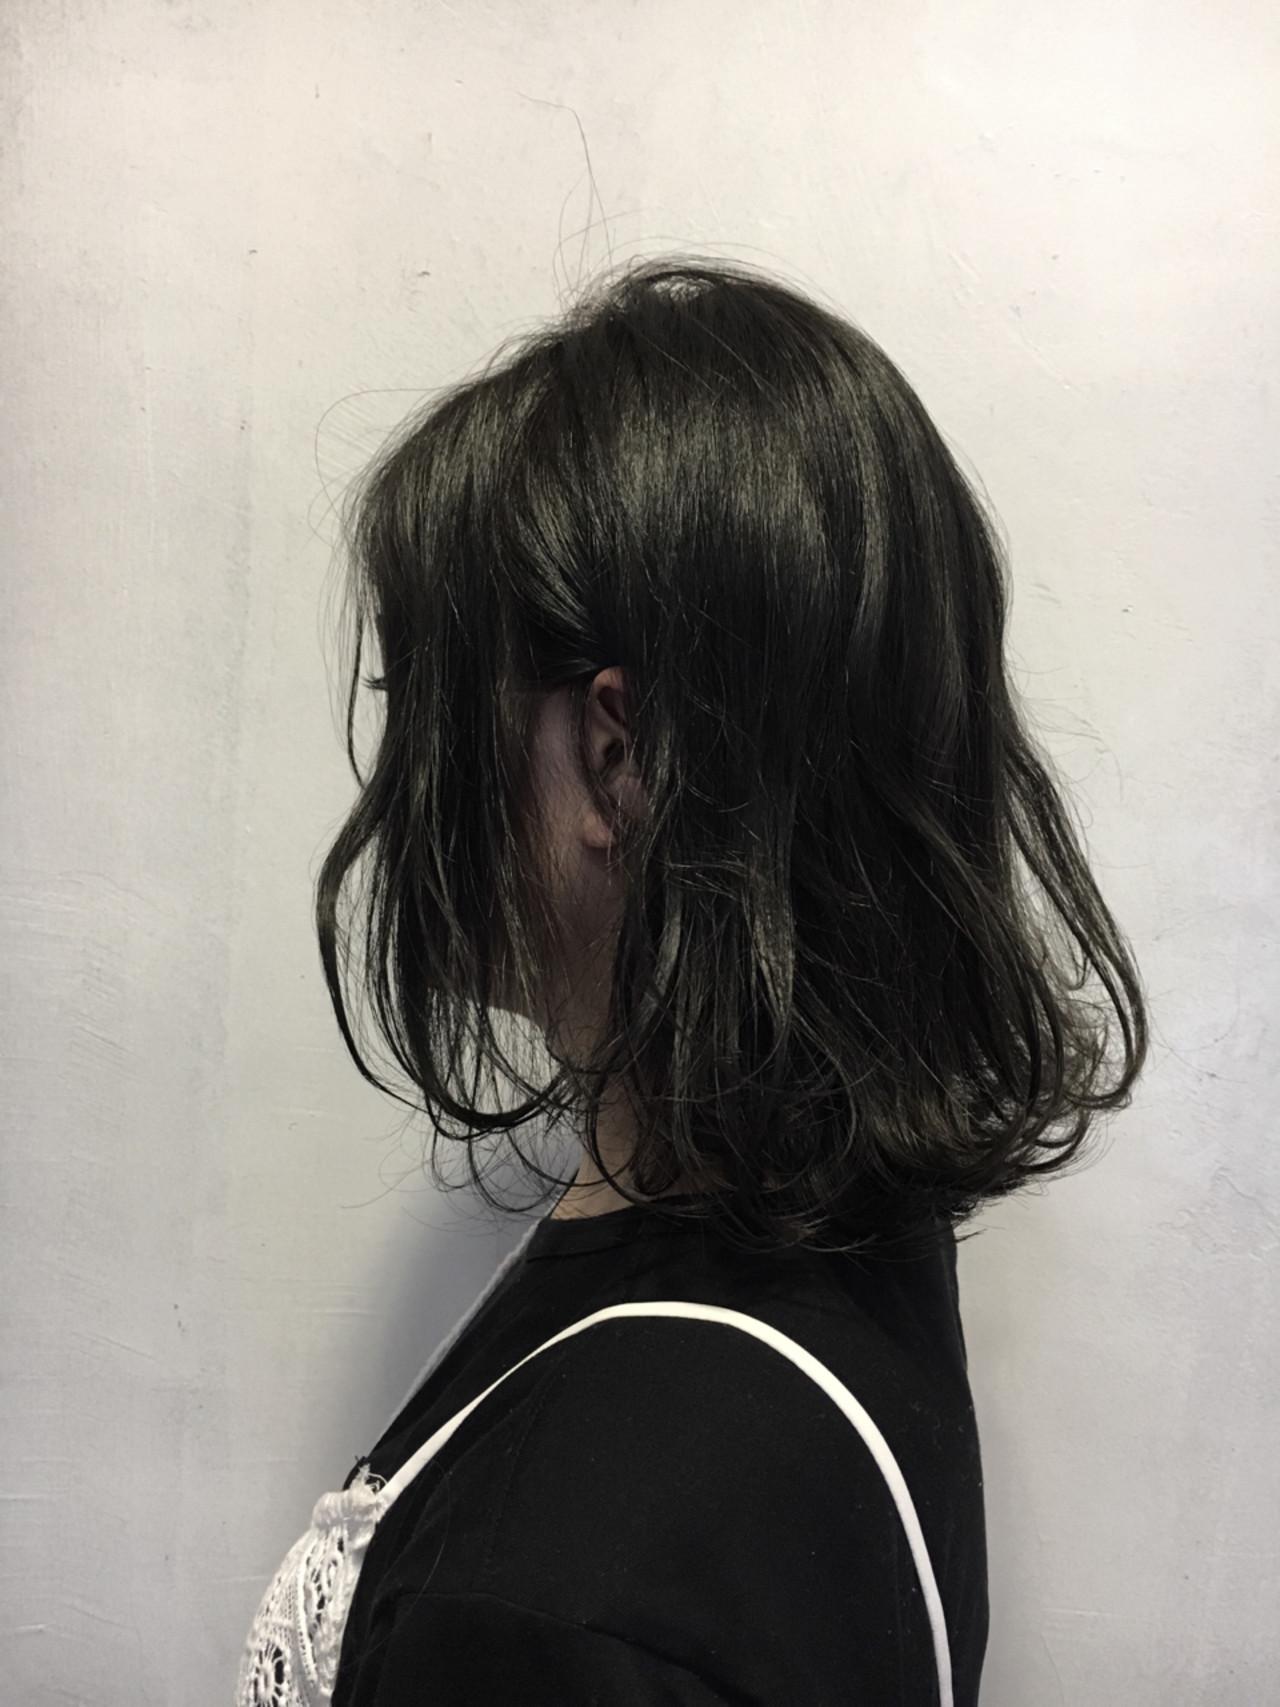 ミディアム 黒髪 外国人風 ボブ ヘアスタイルや髪型の写真・画像 | 松尾謙佑 / cielo